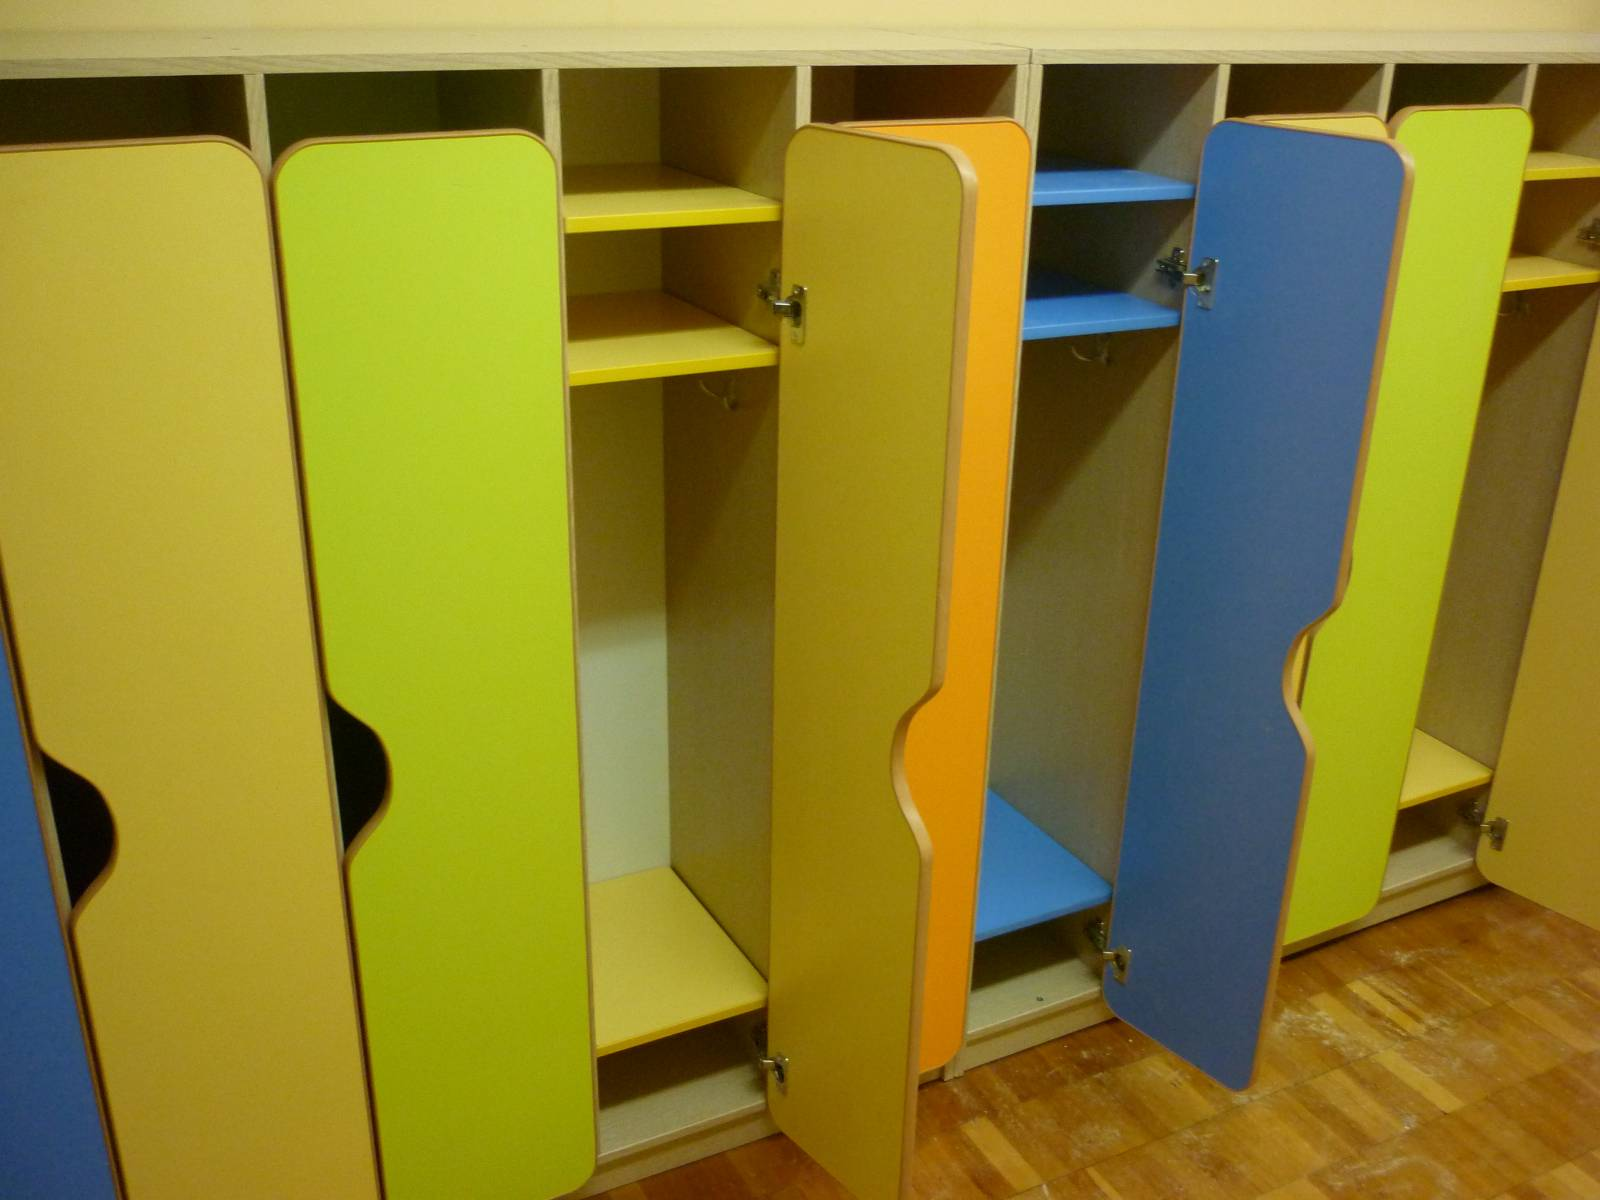 Кабинки в детский сад (увеличенные габариты) - купить в крас.